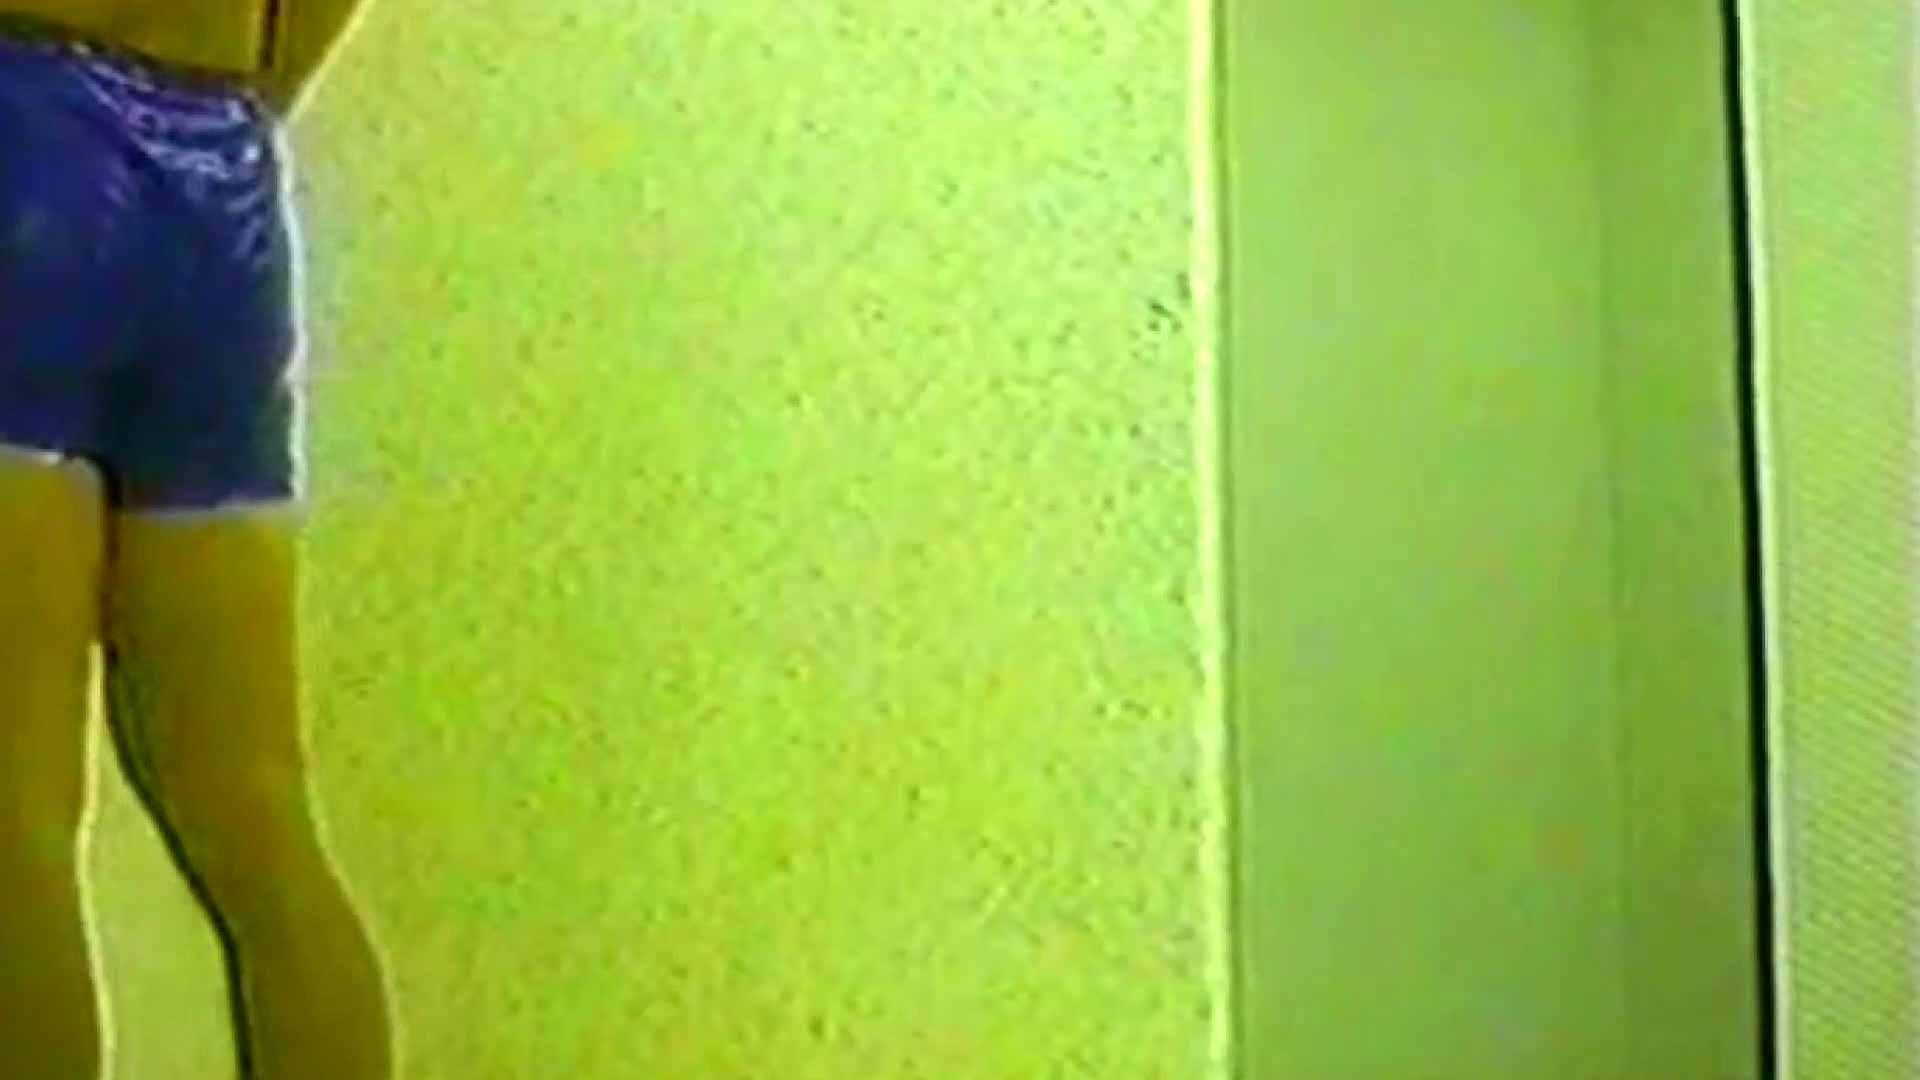 行くぜ!がっつり男風呂!Vol.05 裸男子 ゲイモロ見え画像 97枚 17